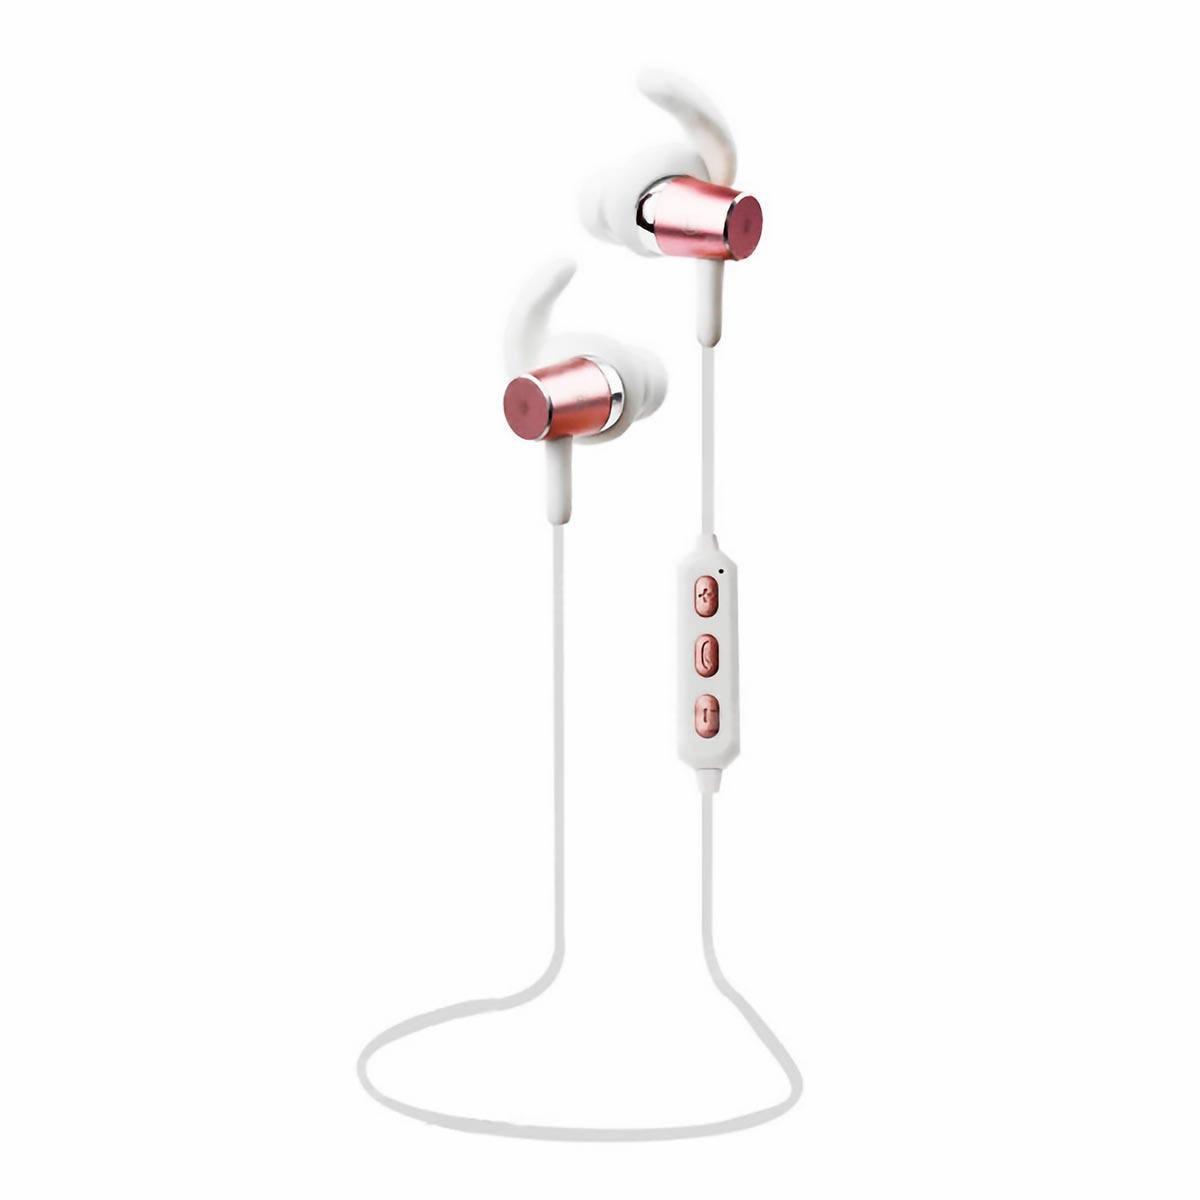 Fone Bluetooth Sport Earphone Intra-Auricular com Microfone e Controle para Chamadas FB-BT1 Branco com Rose